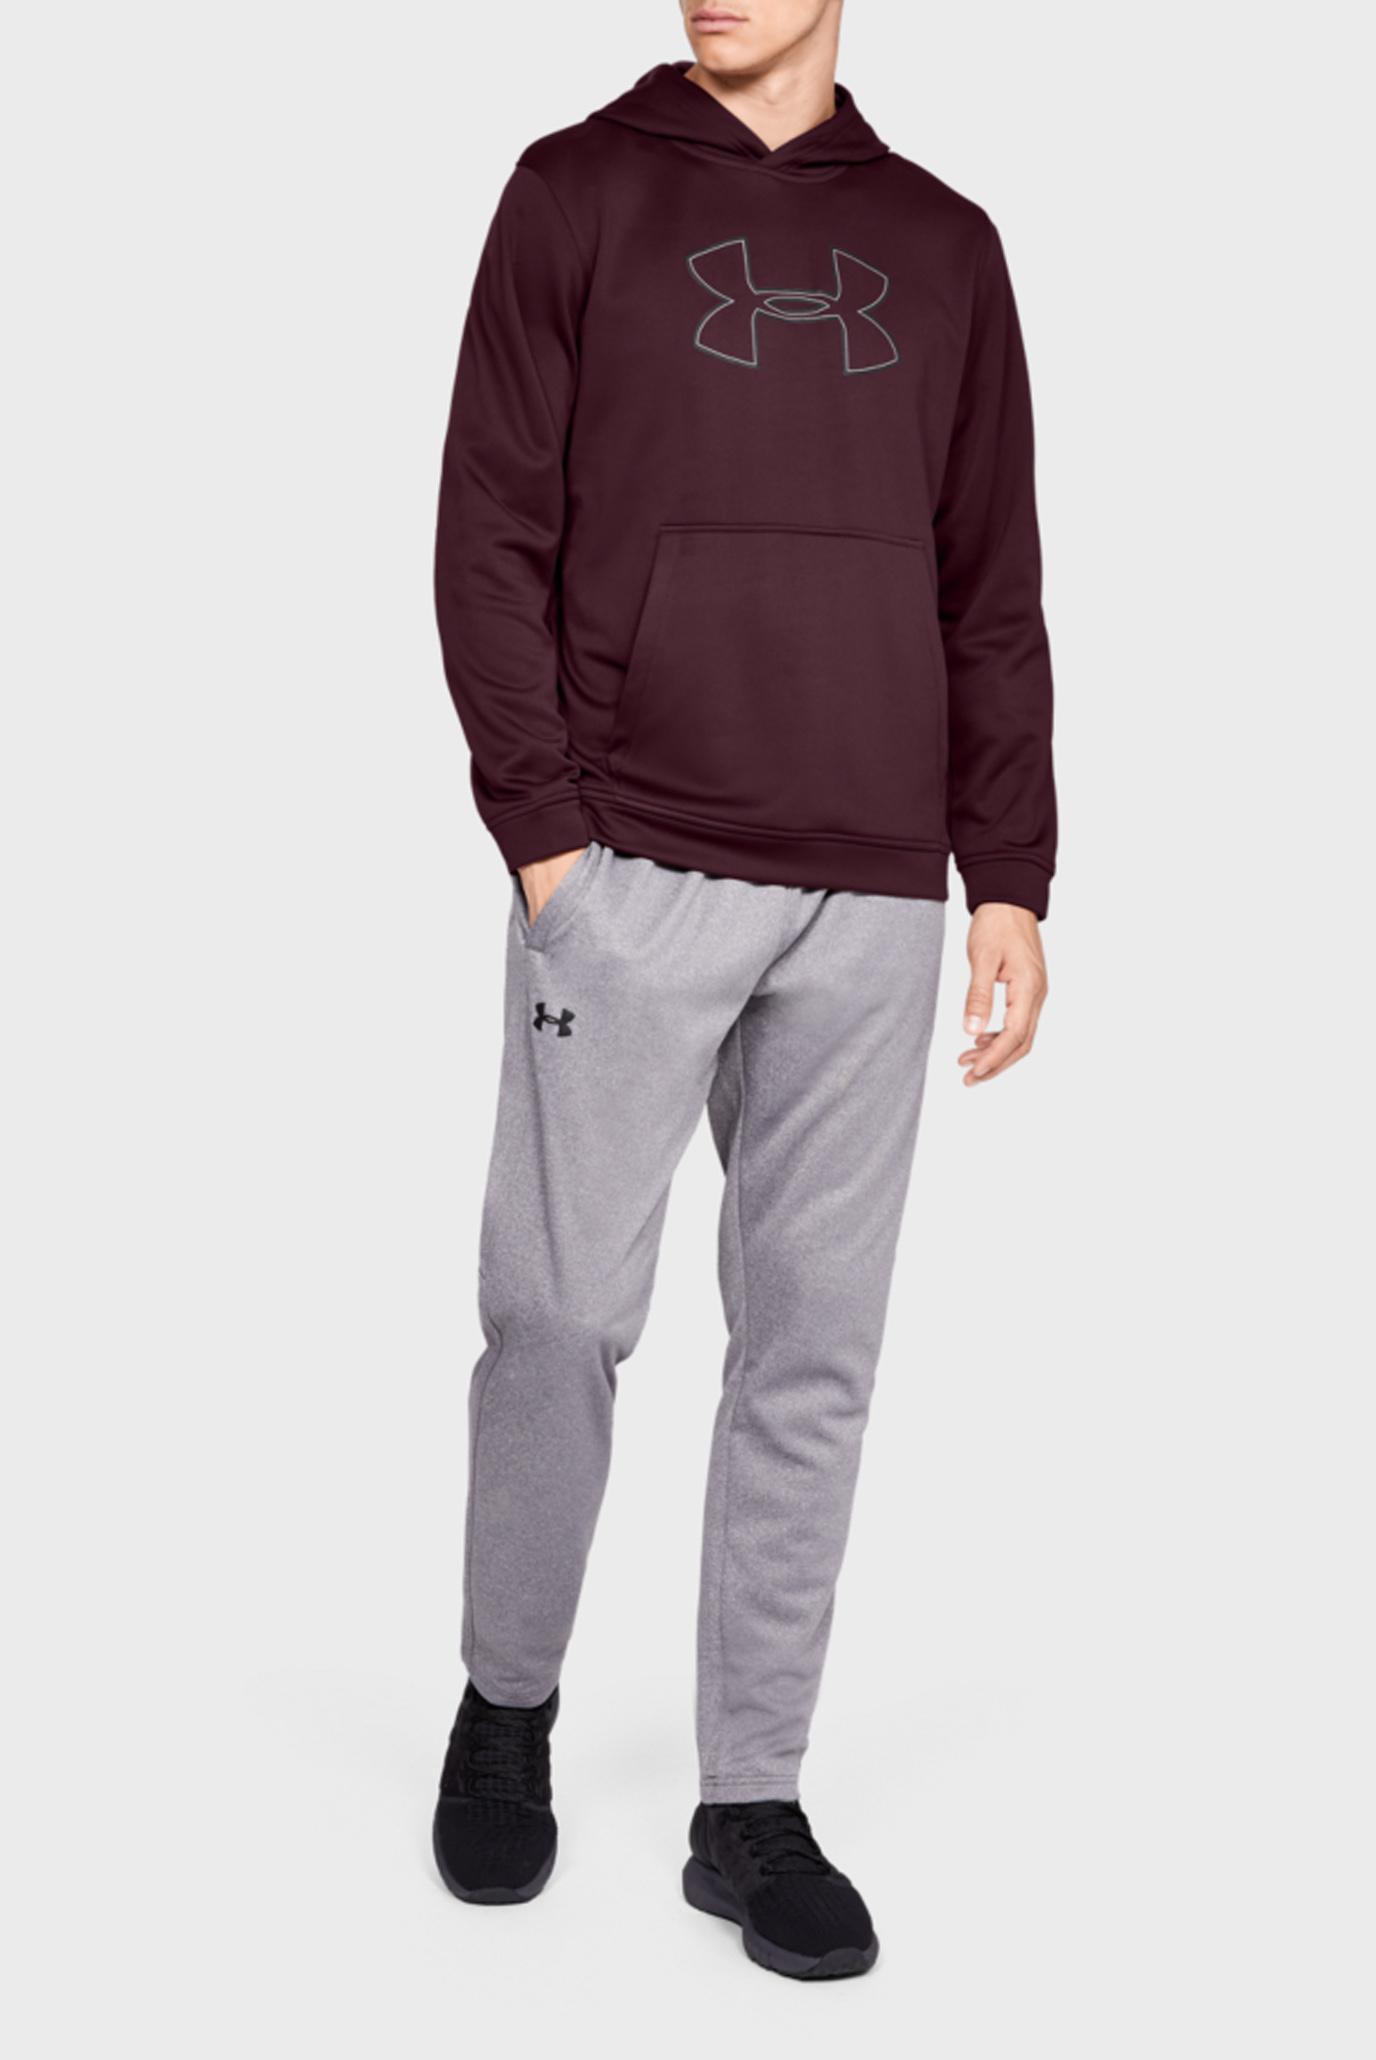 Купить Мужское бордовое худи PERFORMANCE FLEECE GRAPHIC HOODY Under Armour Under Armour 1329743-600 – Киев, Украина. Цены в интернет магазине MD Fashion